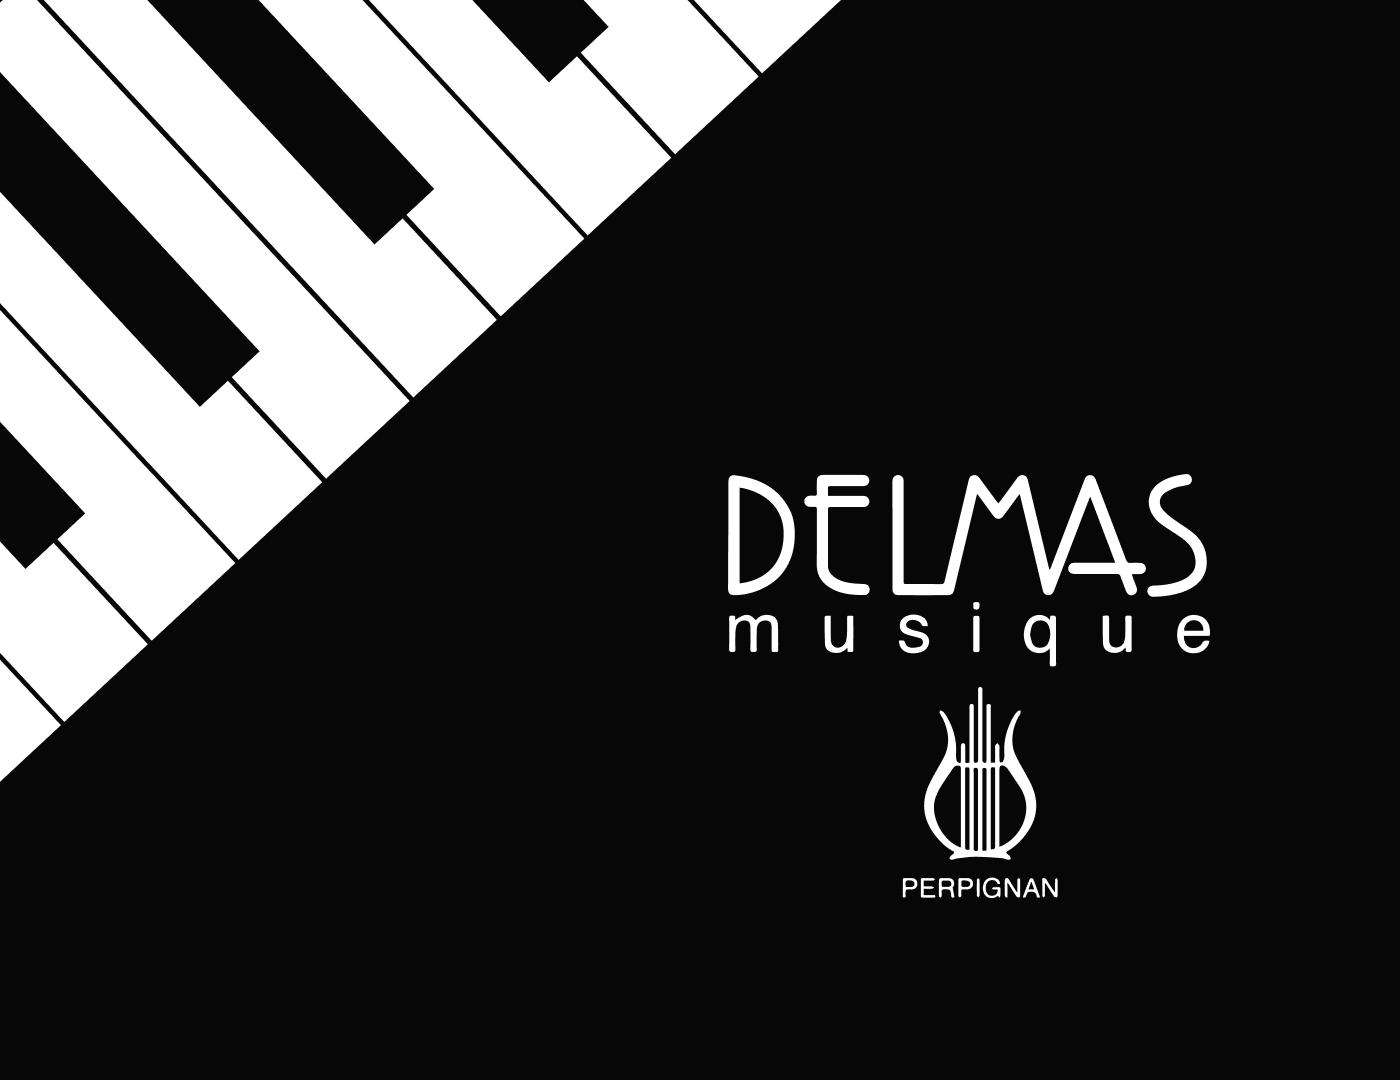 eshop instruments shop music music eshop music shop Music Website Musical Instruments